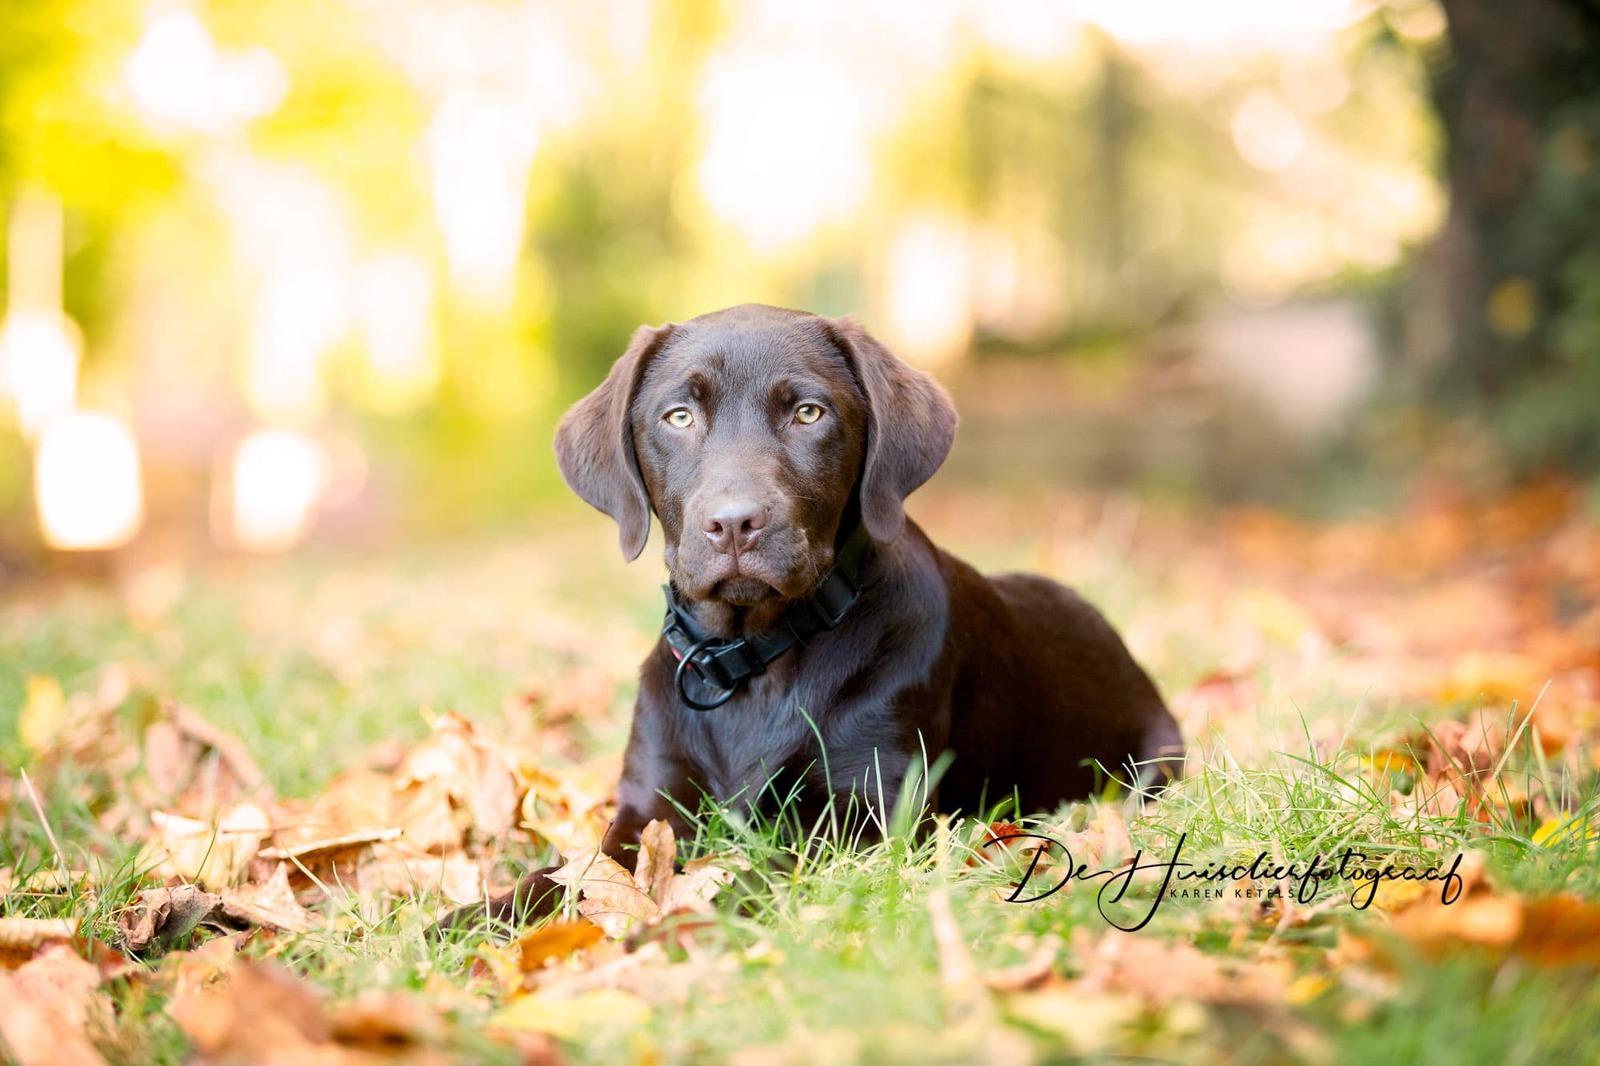 Buitenportret tussen de herfstblaadjes van een donker bruine labrador pup. De pup ligt ontspannen tussen de kleurrijke blaadjes en kijkt recht in de lens van de fotografe. Portret door De Huisdierfotograaf